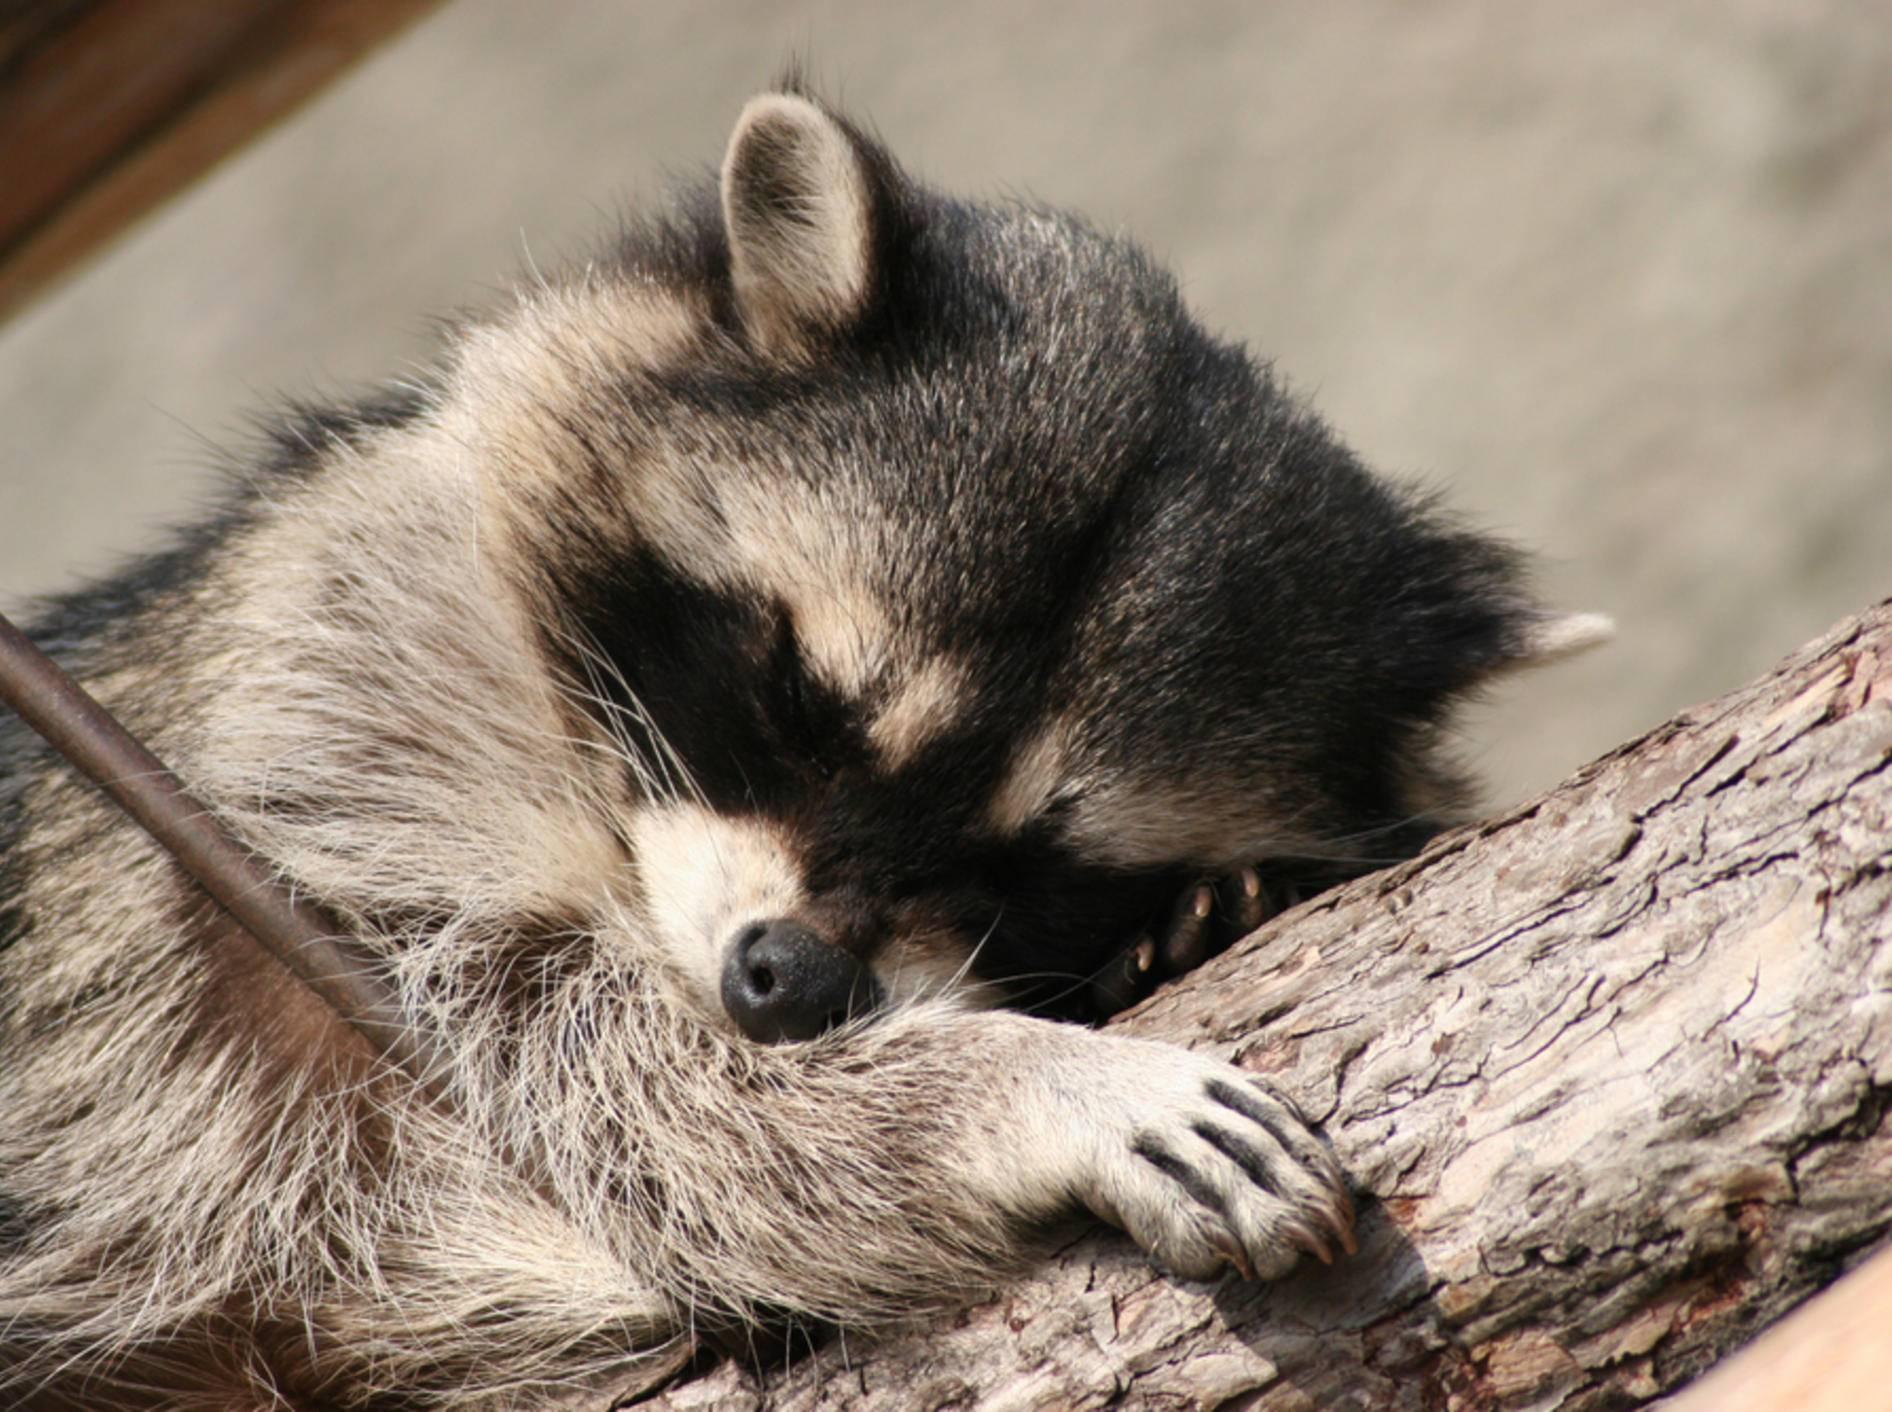 Haben Tiere die Fähigkeit zum Träumen?